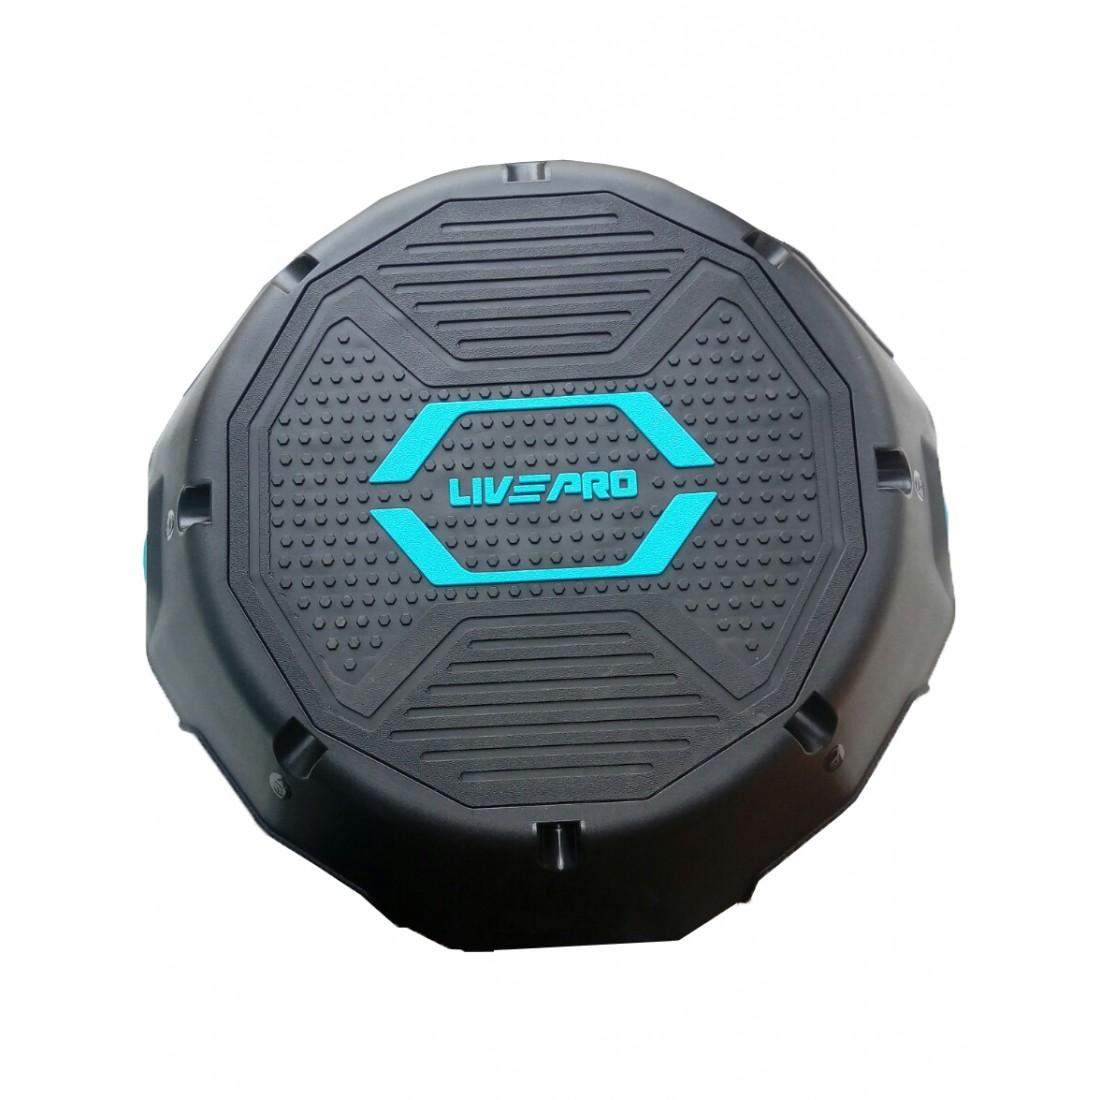 Степ-платформы: Мини степ платформа LivePro STEP